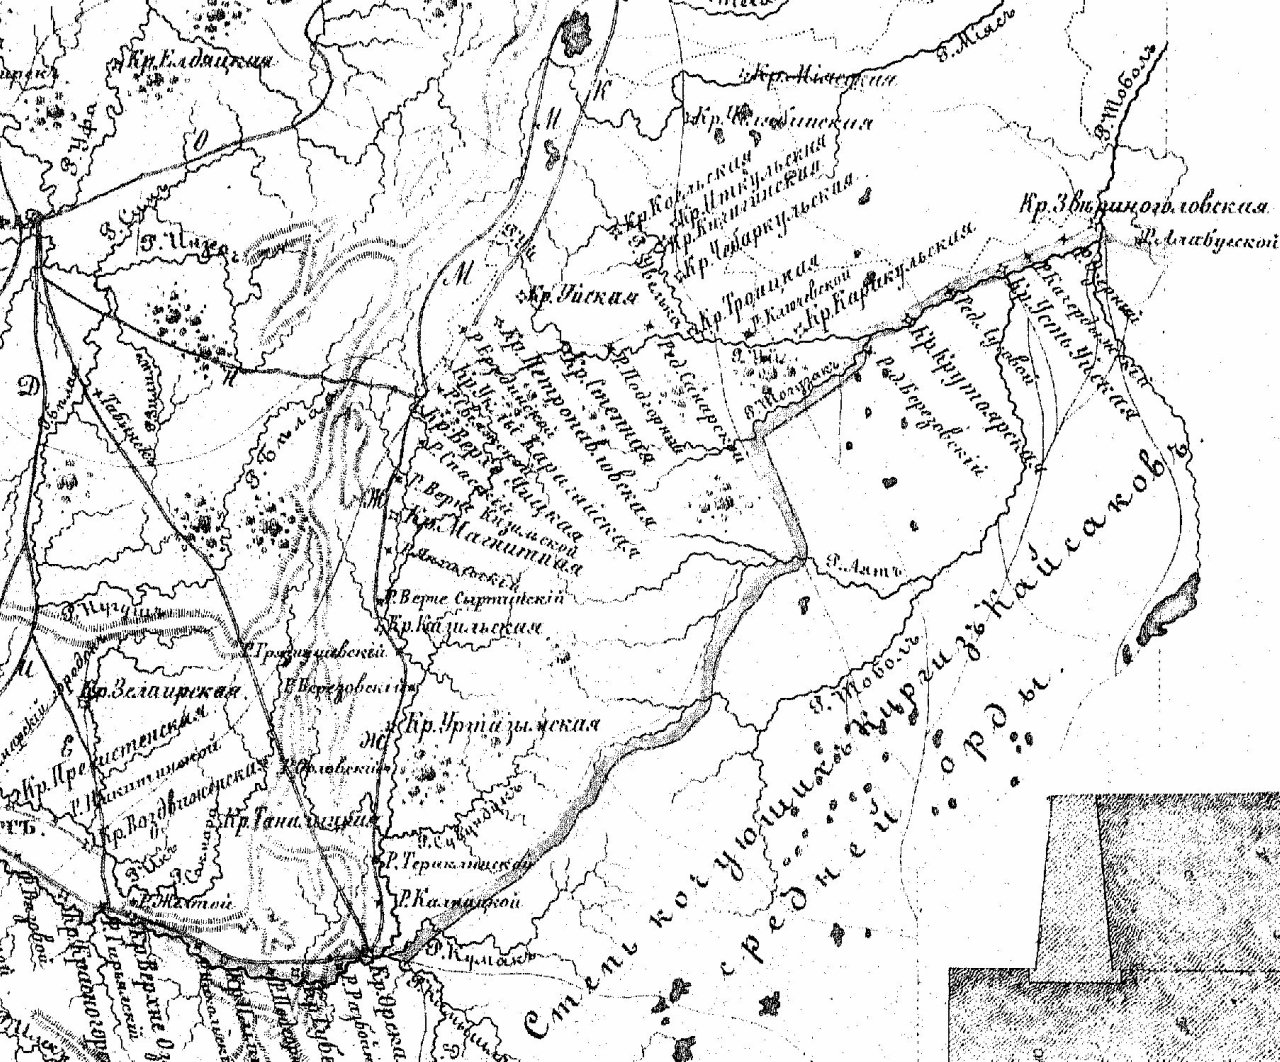 Карта линий крепостей из работы Ф. Ласковского.